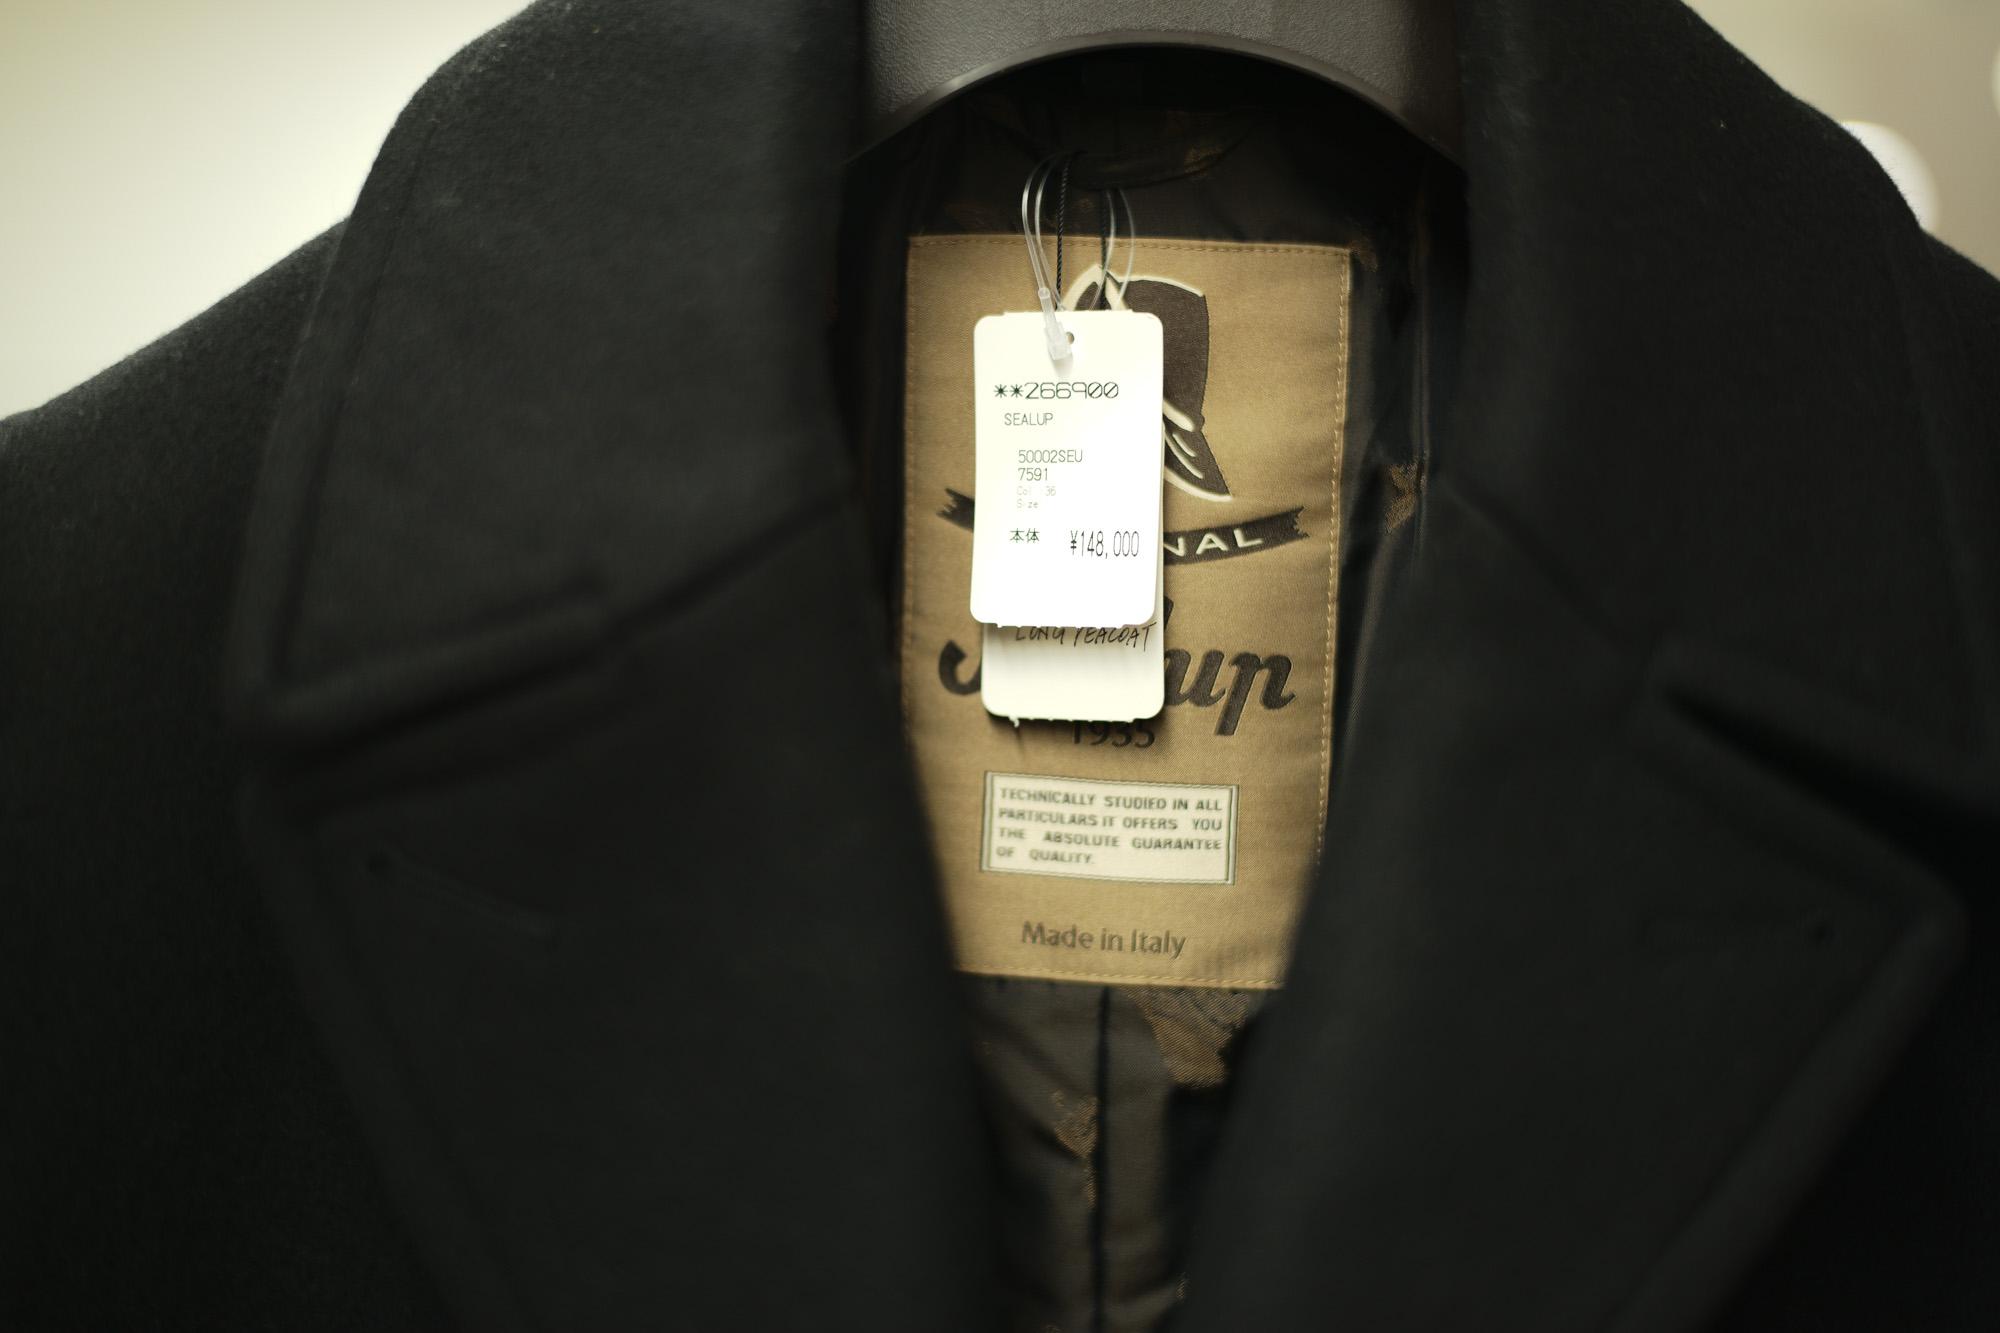 Sealup / シーラップ (2018 秋冬 プレ 展示会) Bomber Jacket ボンバージャケット GENOVA ジェノバ Pコート コート ナイロンジャケット 5000LSEU 7591 7617 2434SEU 7612 40916 96048 ネイビー ブラック